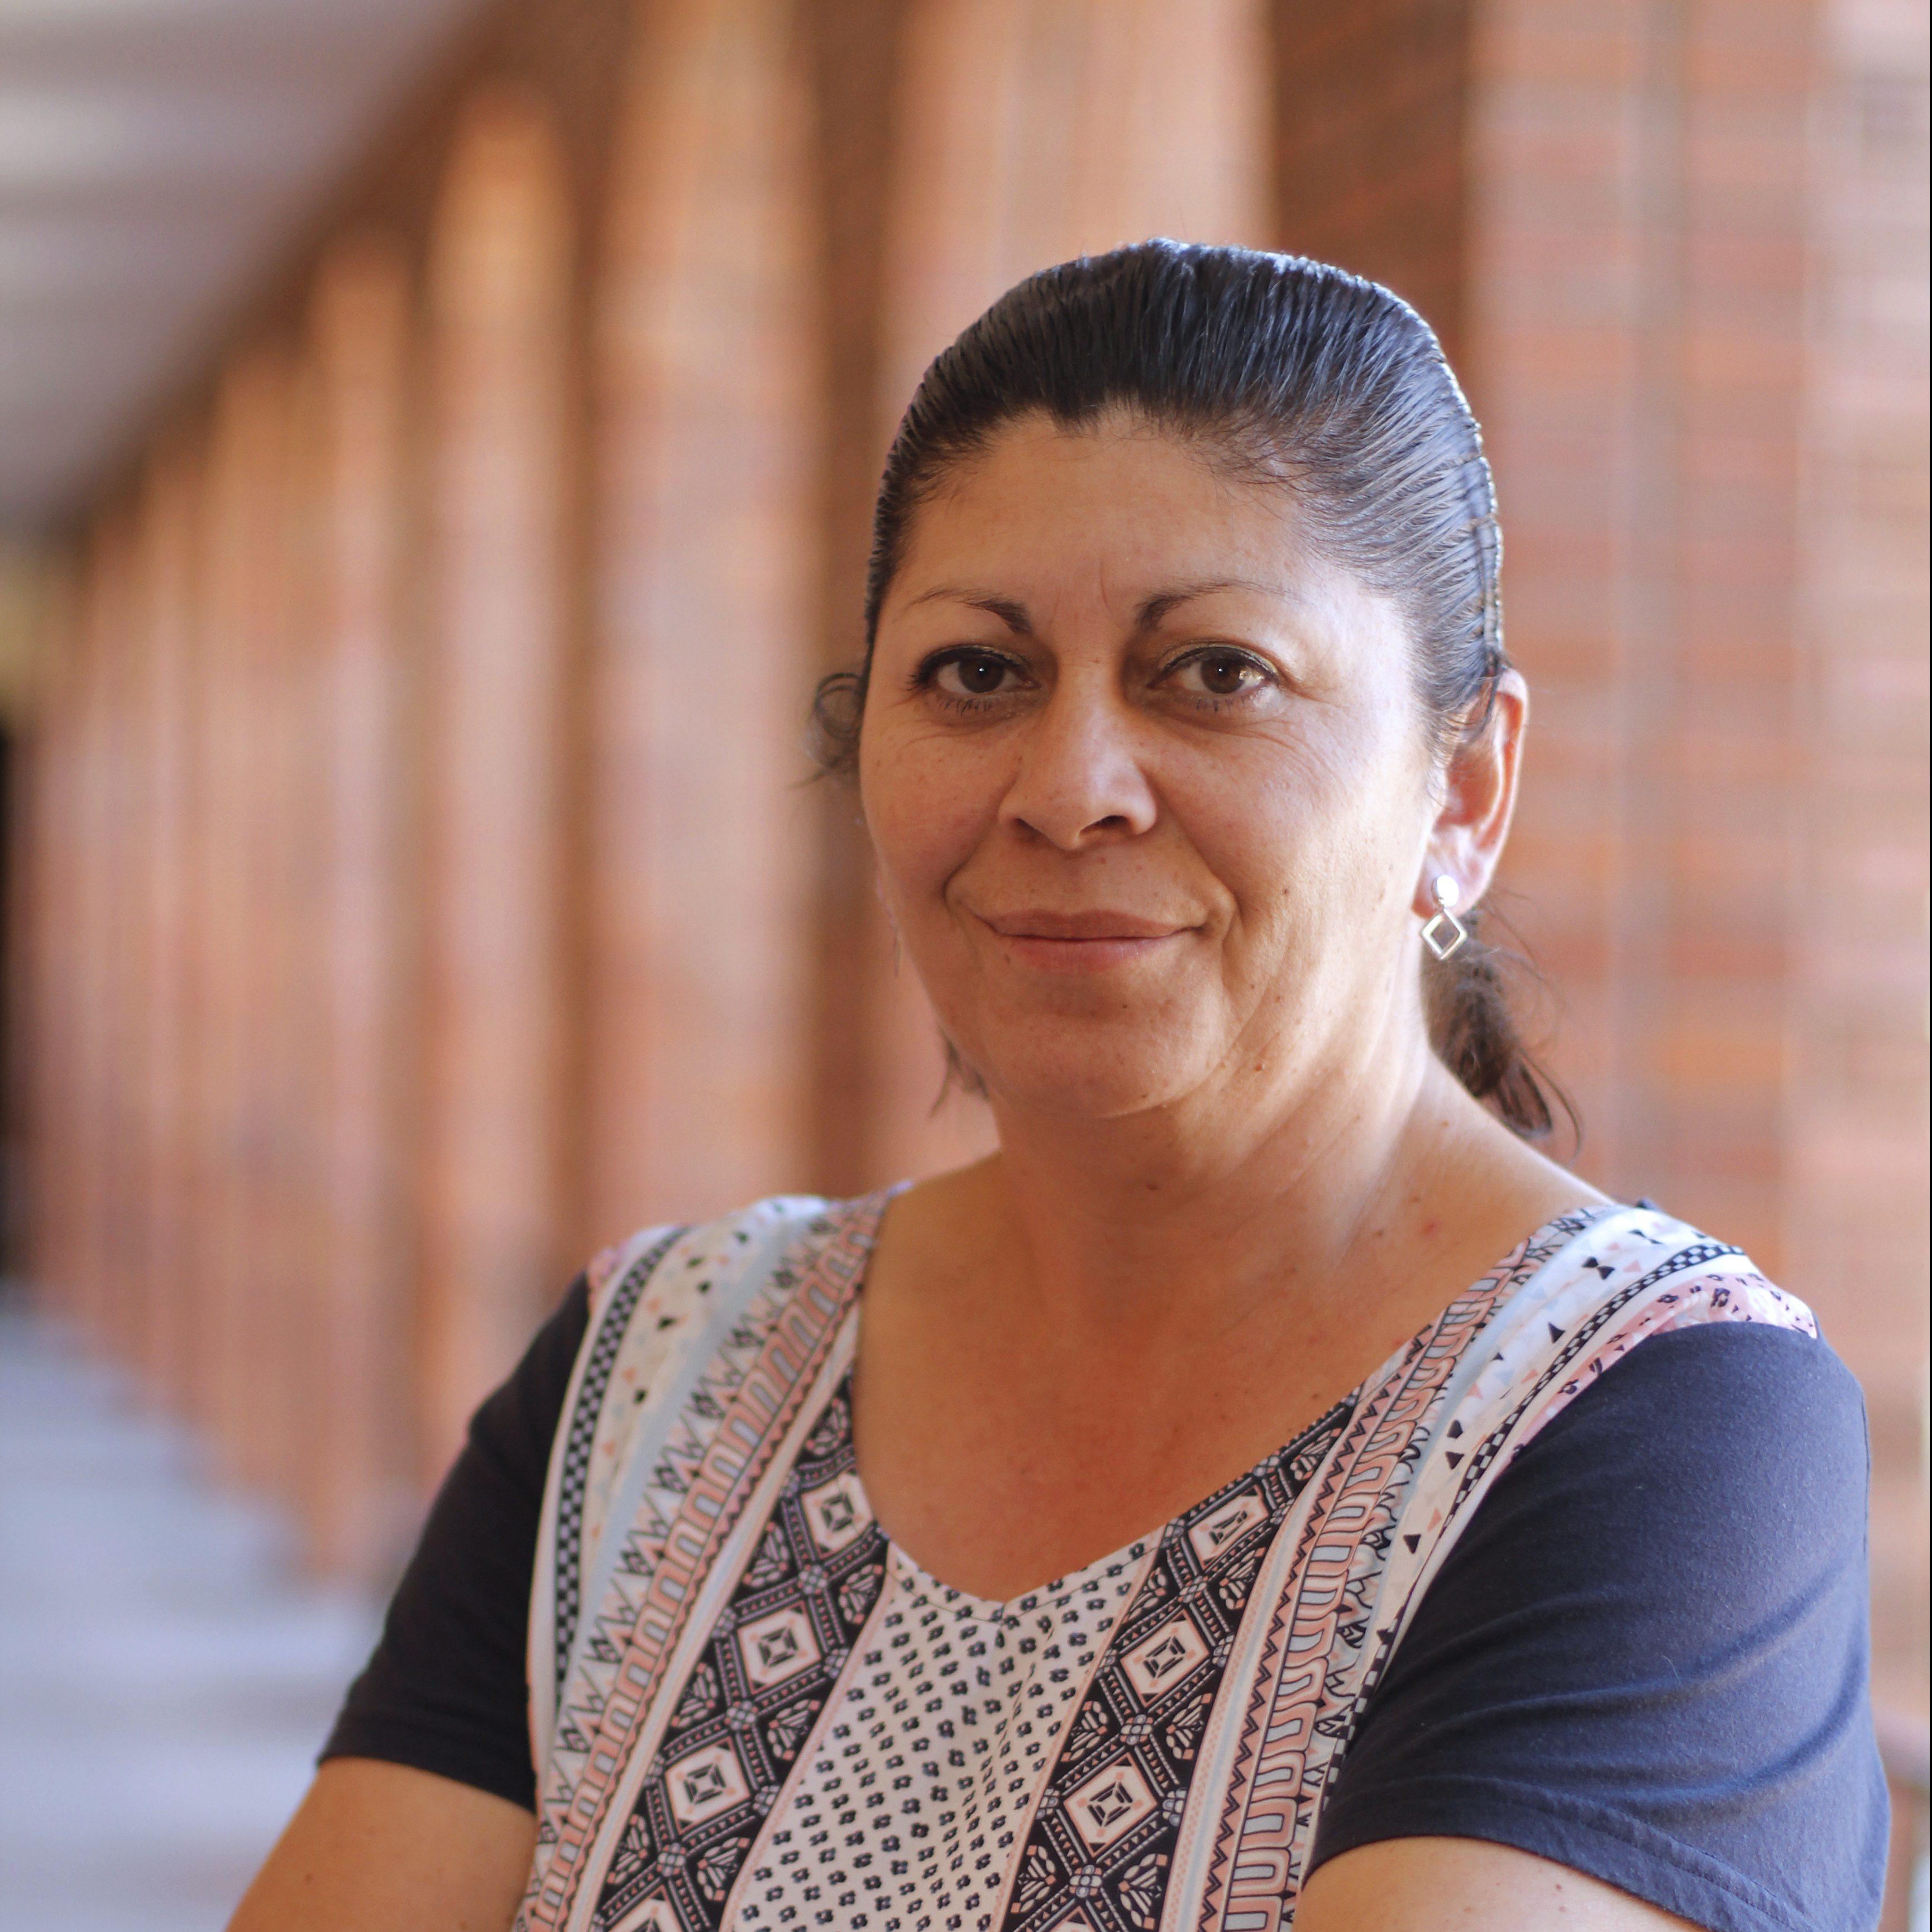 Viviana Pardo Rioseco